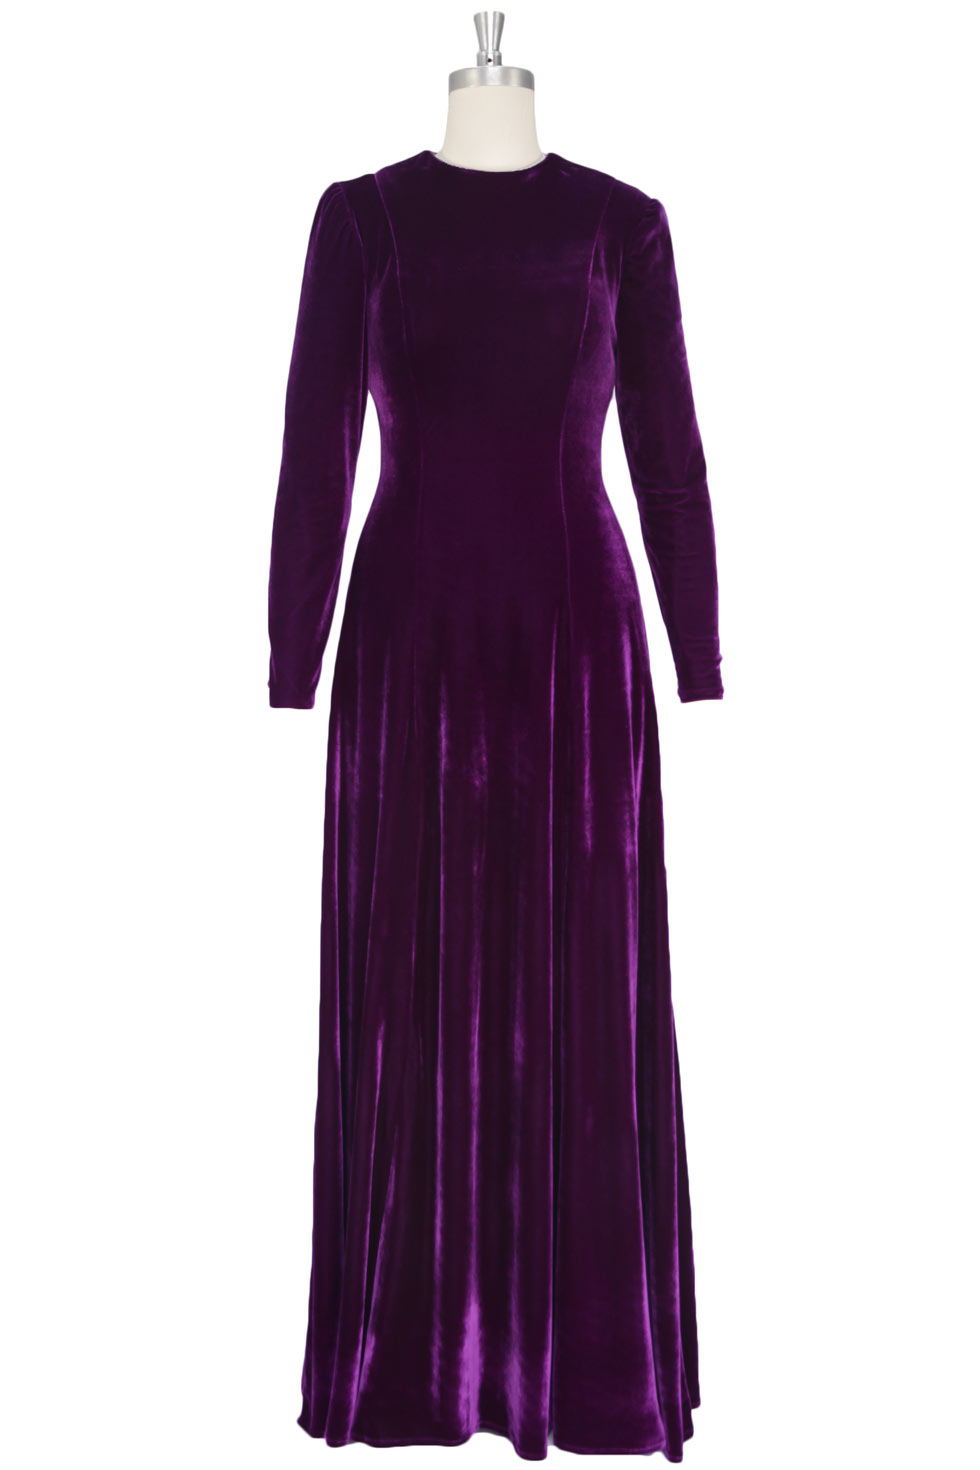 Robe Diane Kruger empire col rond en velvet violette